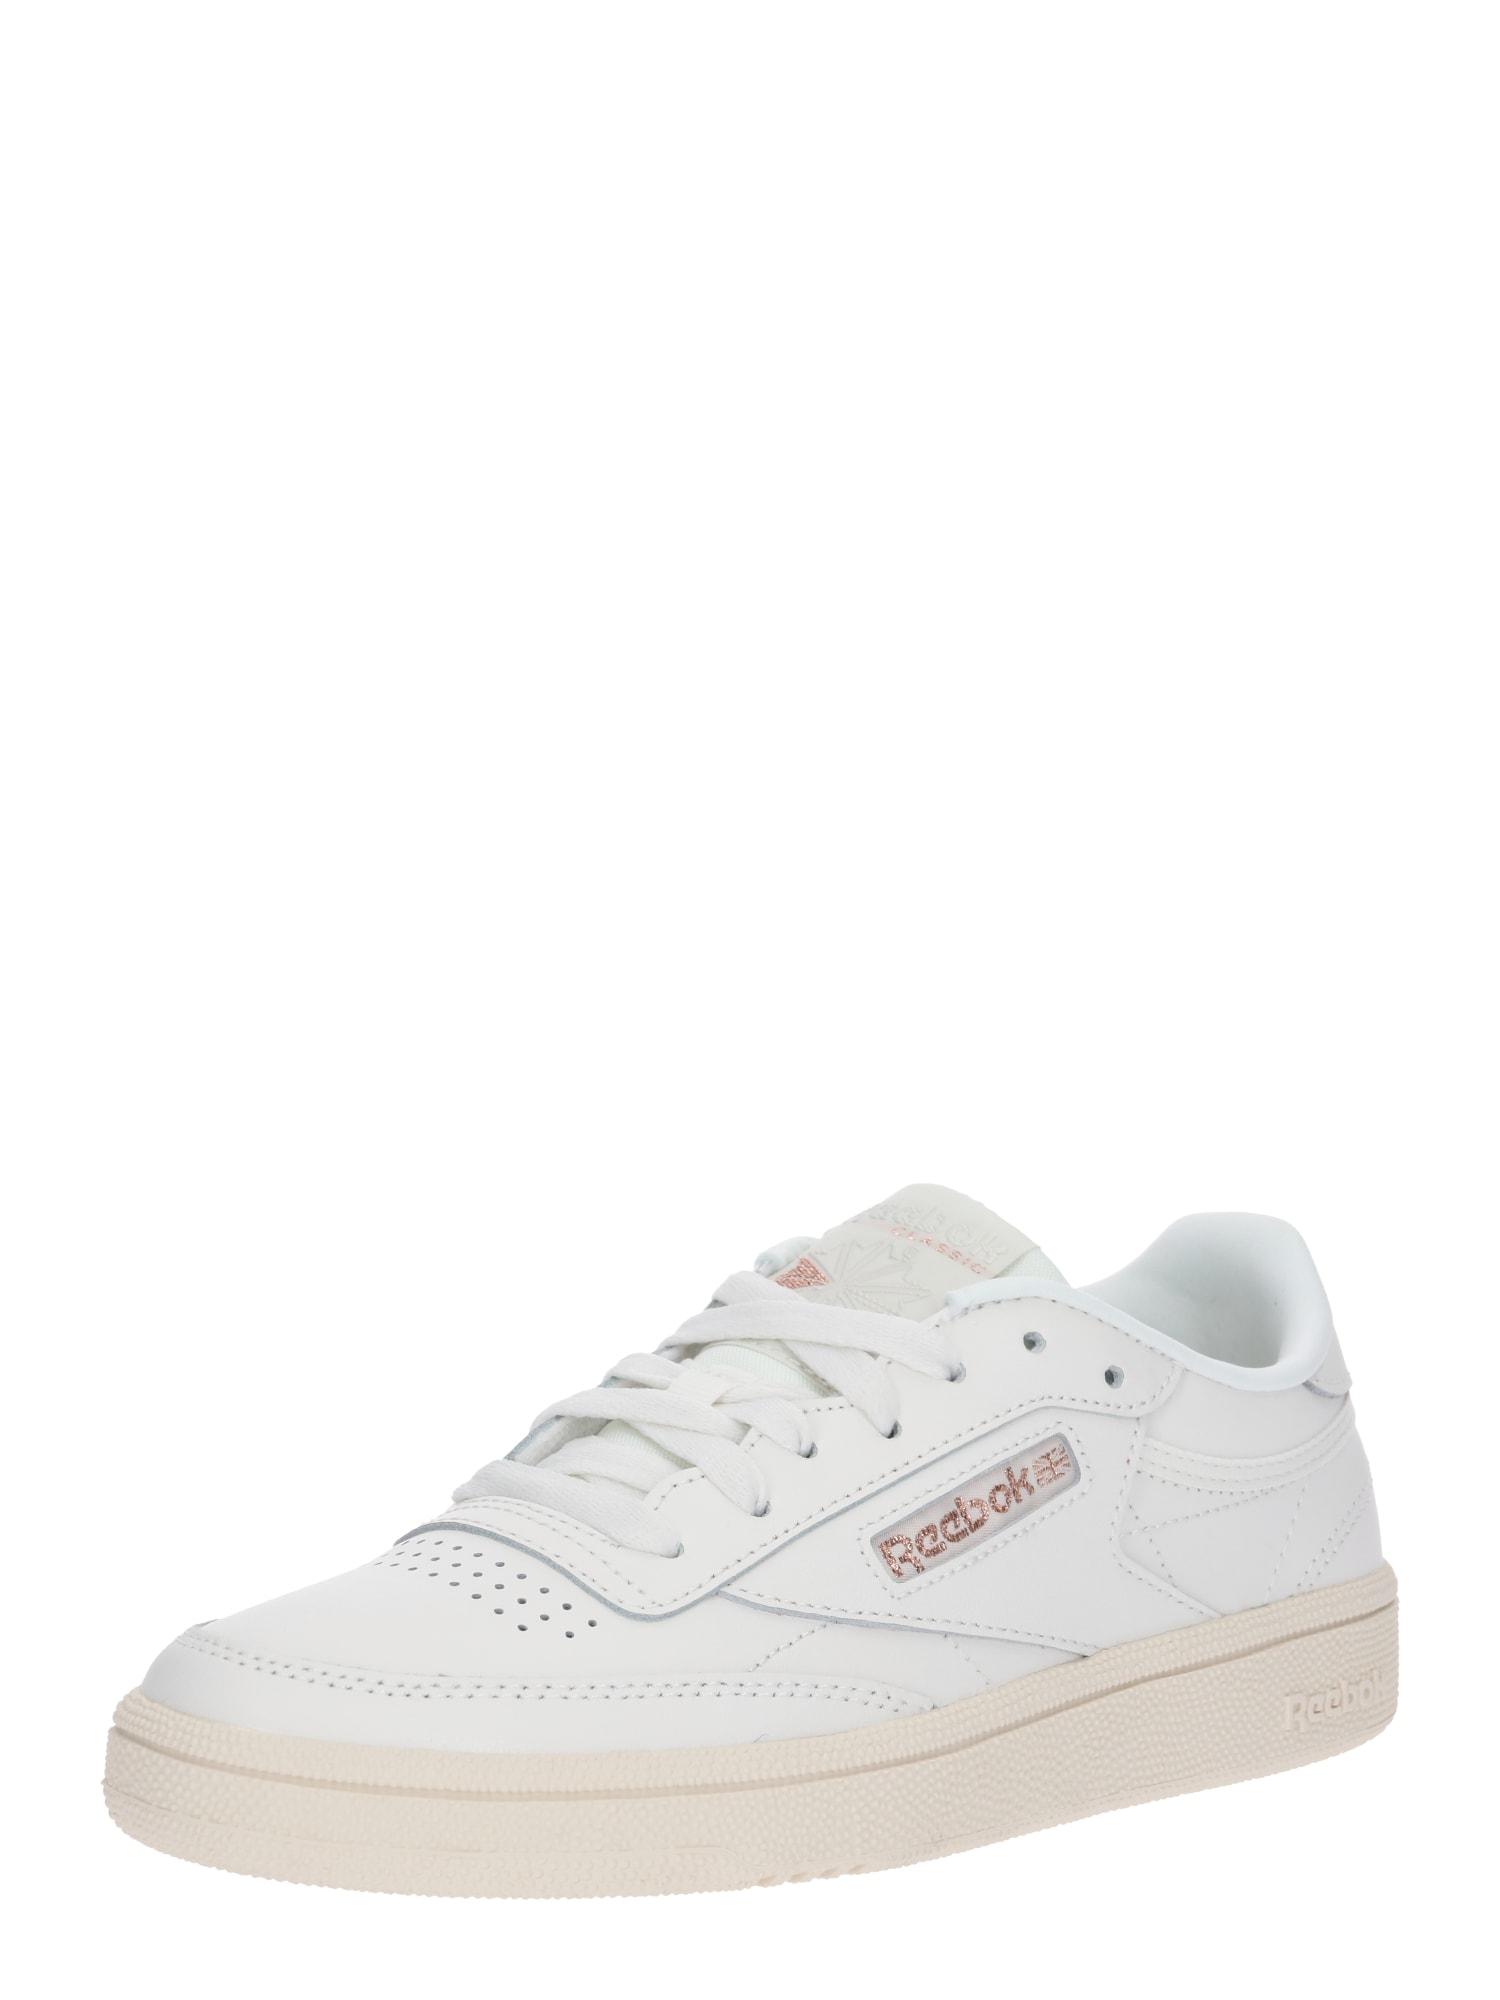 Tenisky Club C 85 zlatá růže bílá Reebok Classic